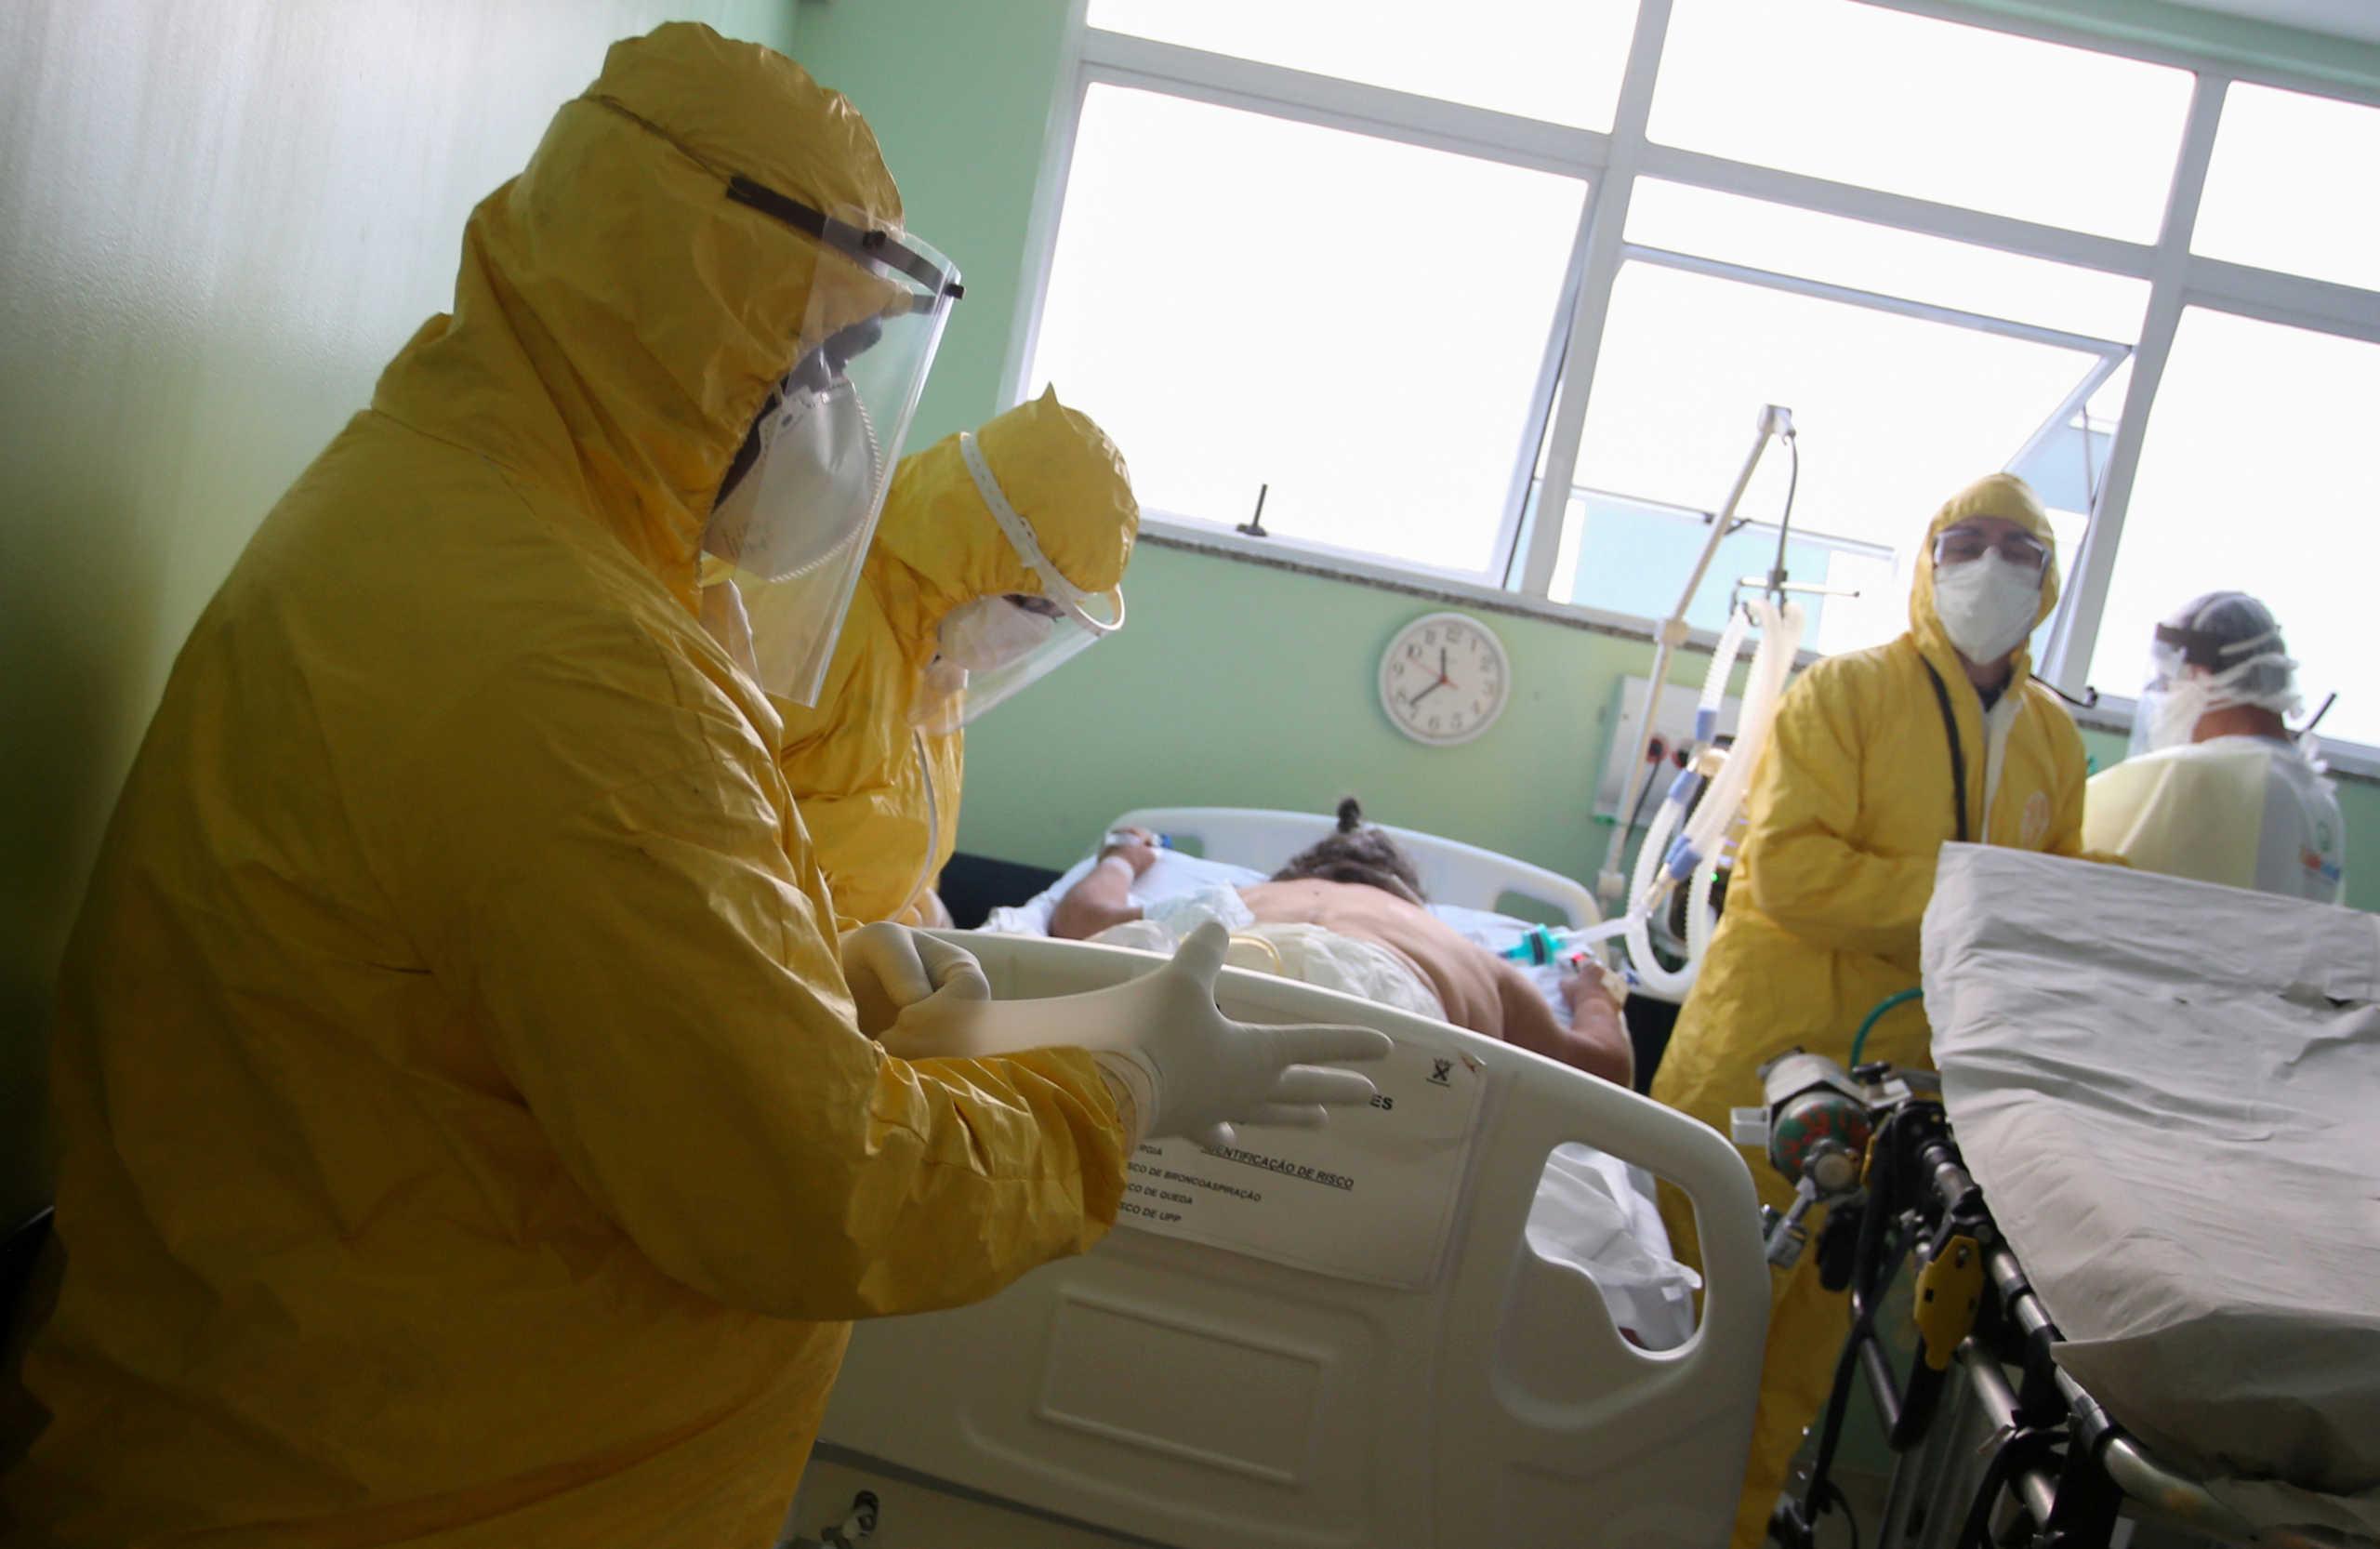 Κορονοϊός: Στους 617 οι νέοι θάνατοι στο Μεξικό, 201 στην Βραζιλία το τελευταίο 24ωρο